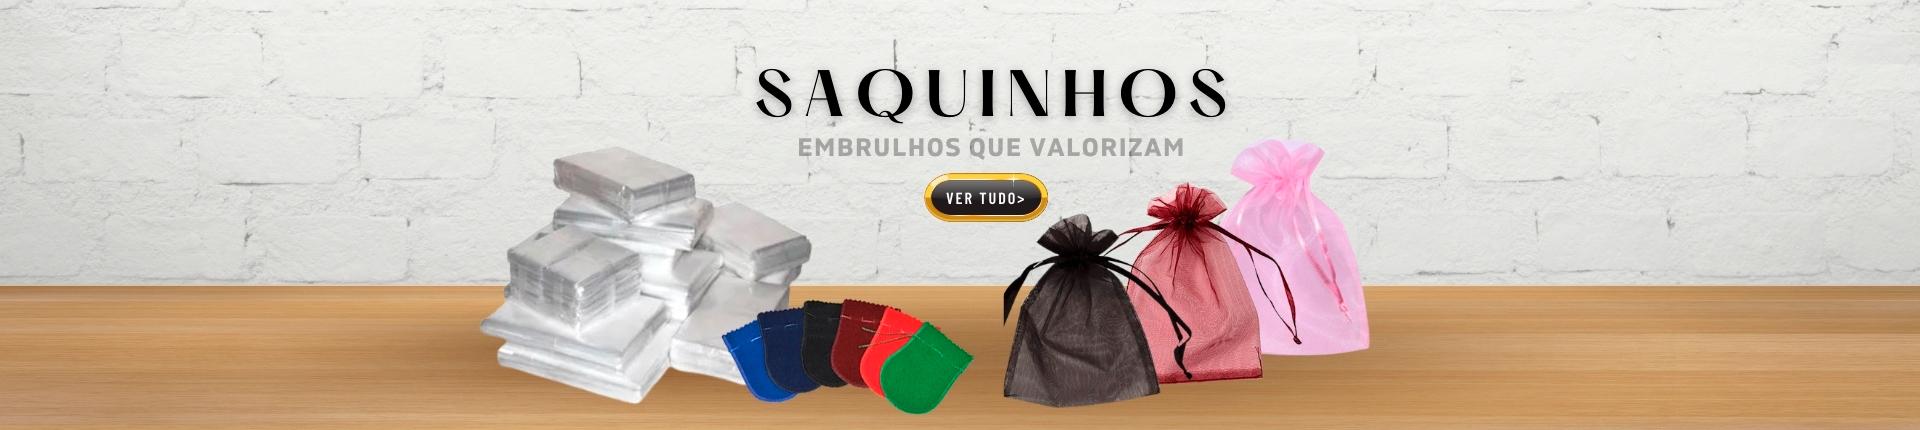 Saquinhos